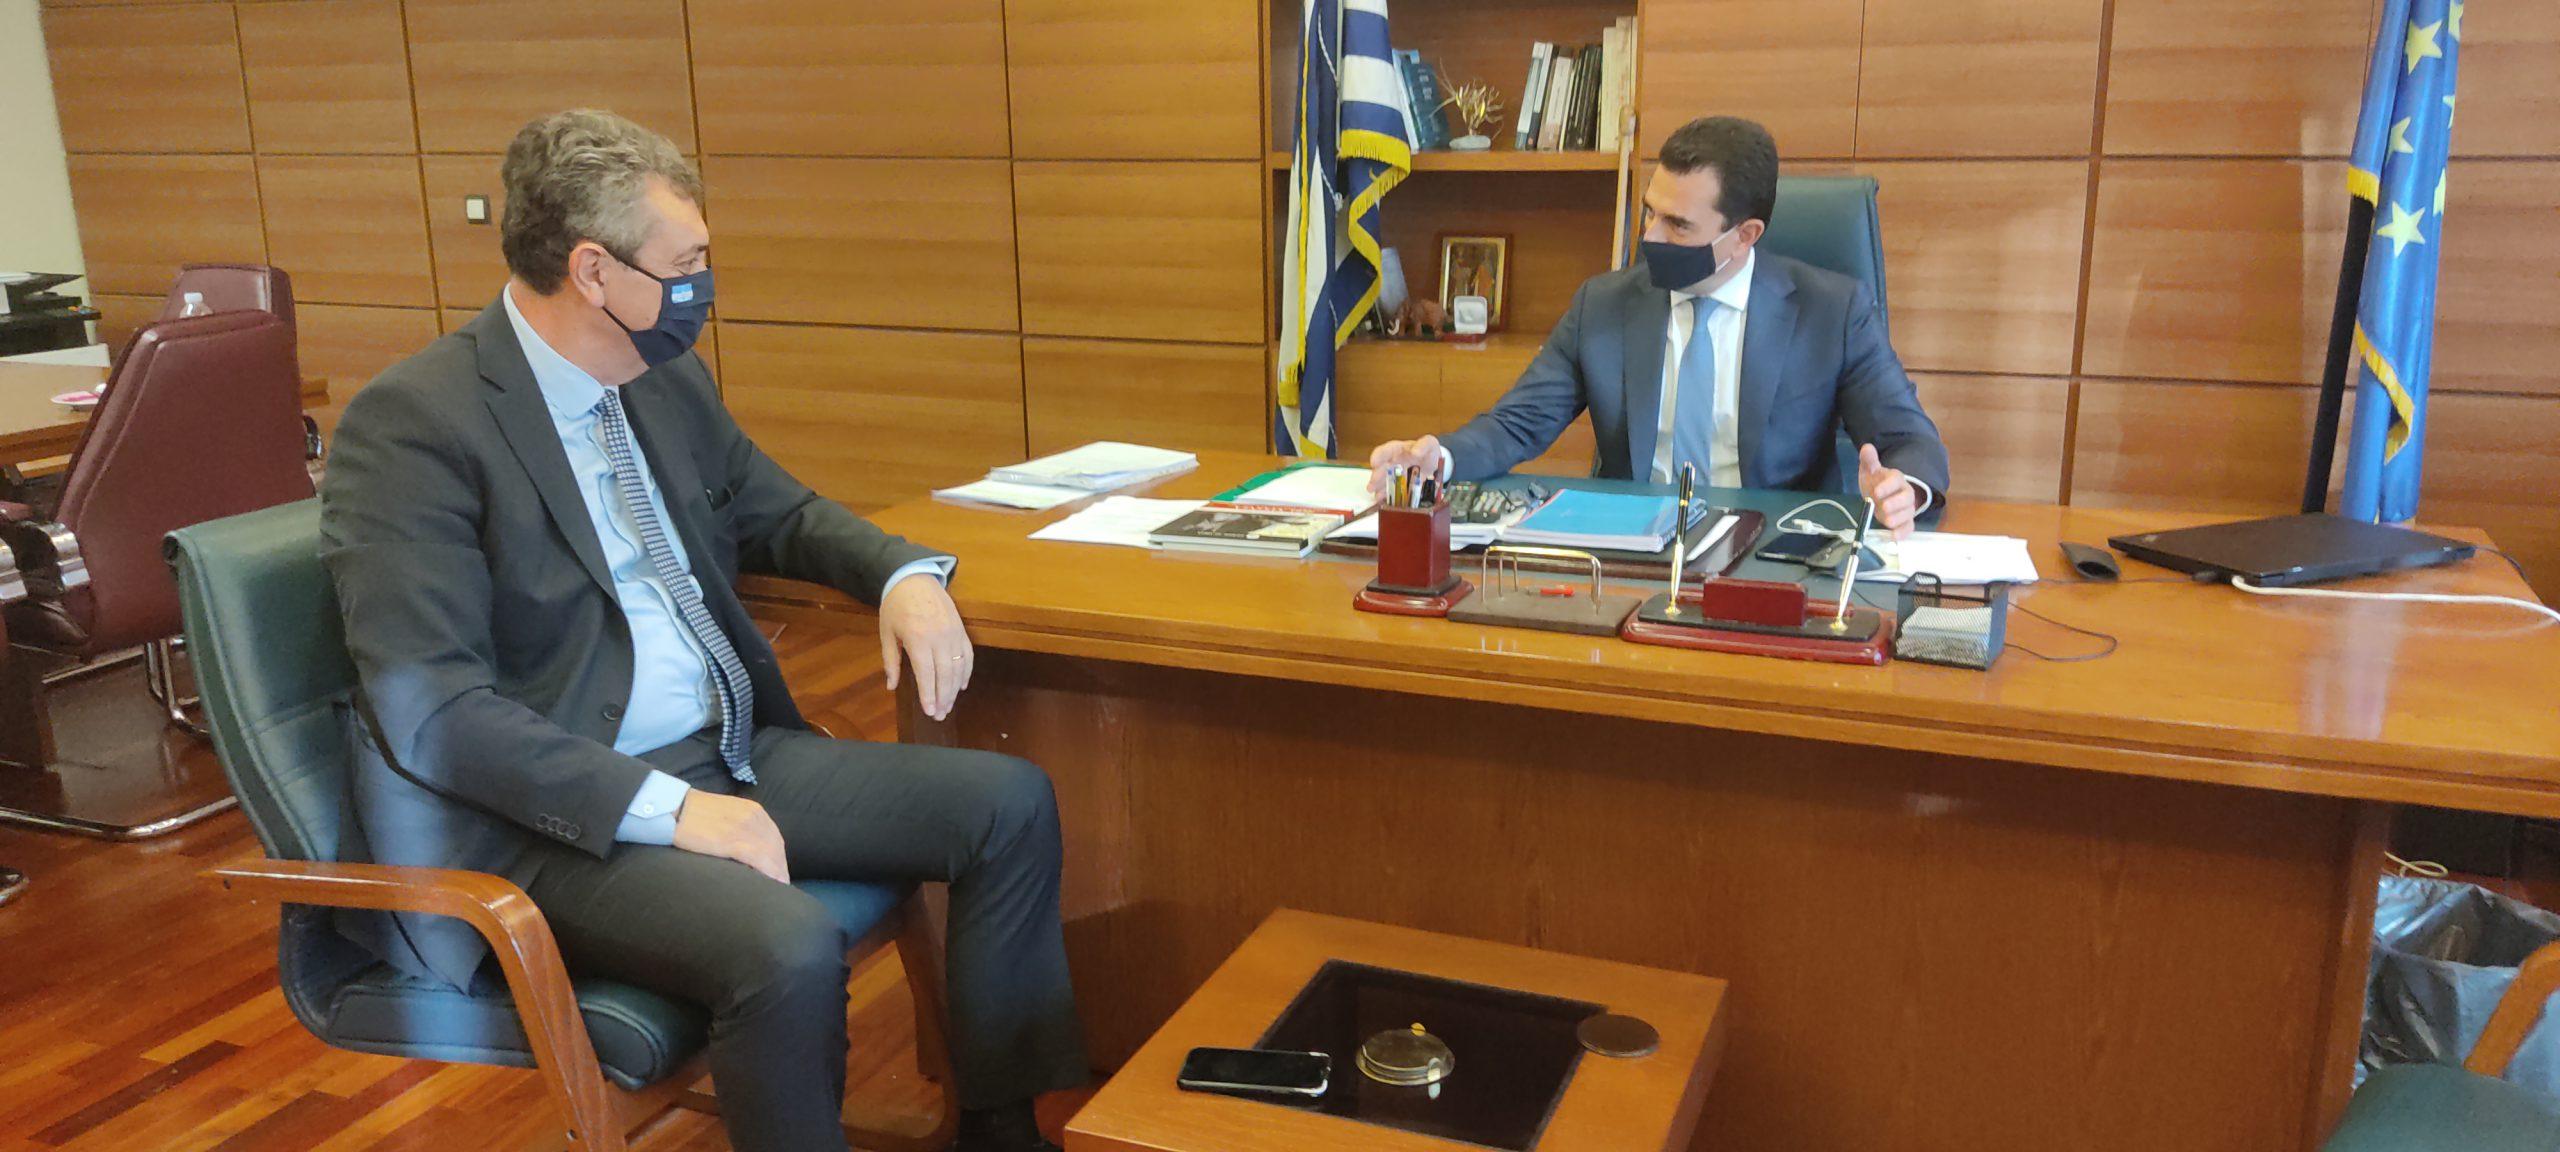 Συνάντηση με τον Υφυπουργό ΥΠΑΤ κ. Κώστα Σκρέκα είχε ο Γιώργος Κωτσός 04/12/20